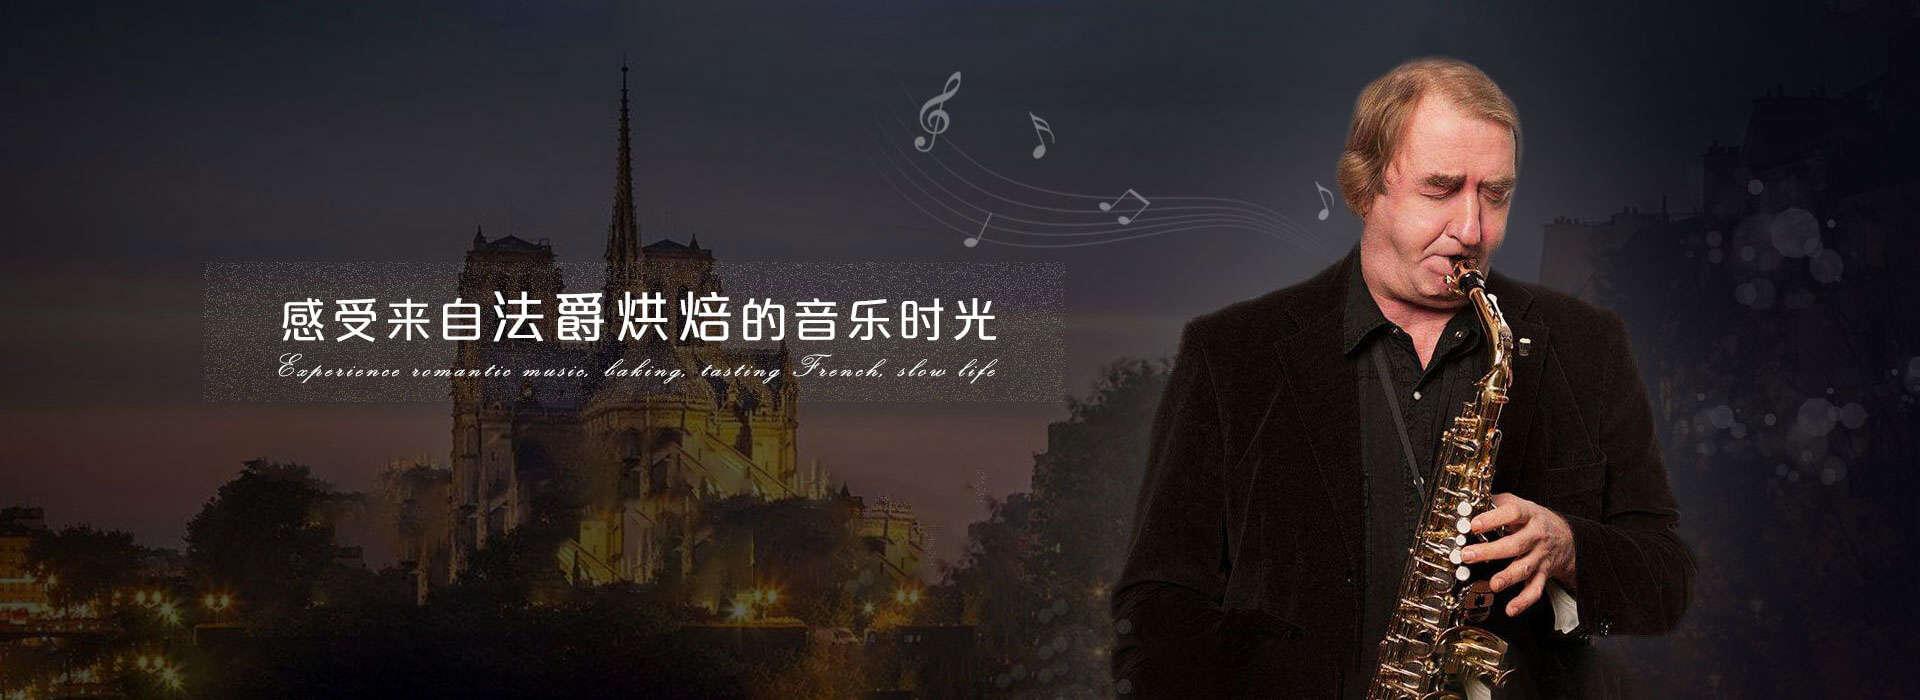 法爵烘焙时光法_昌启餐饮烘焙加盟